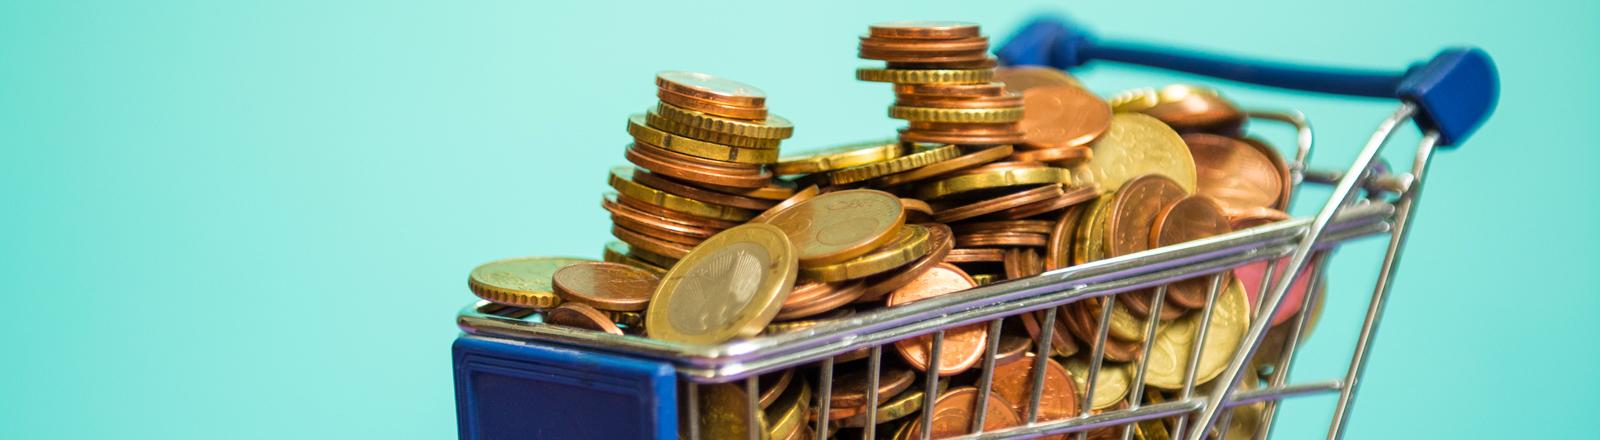 Kleiner Einkaufswagen voller Euros